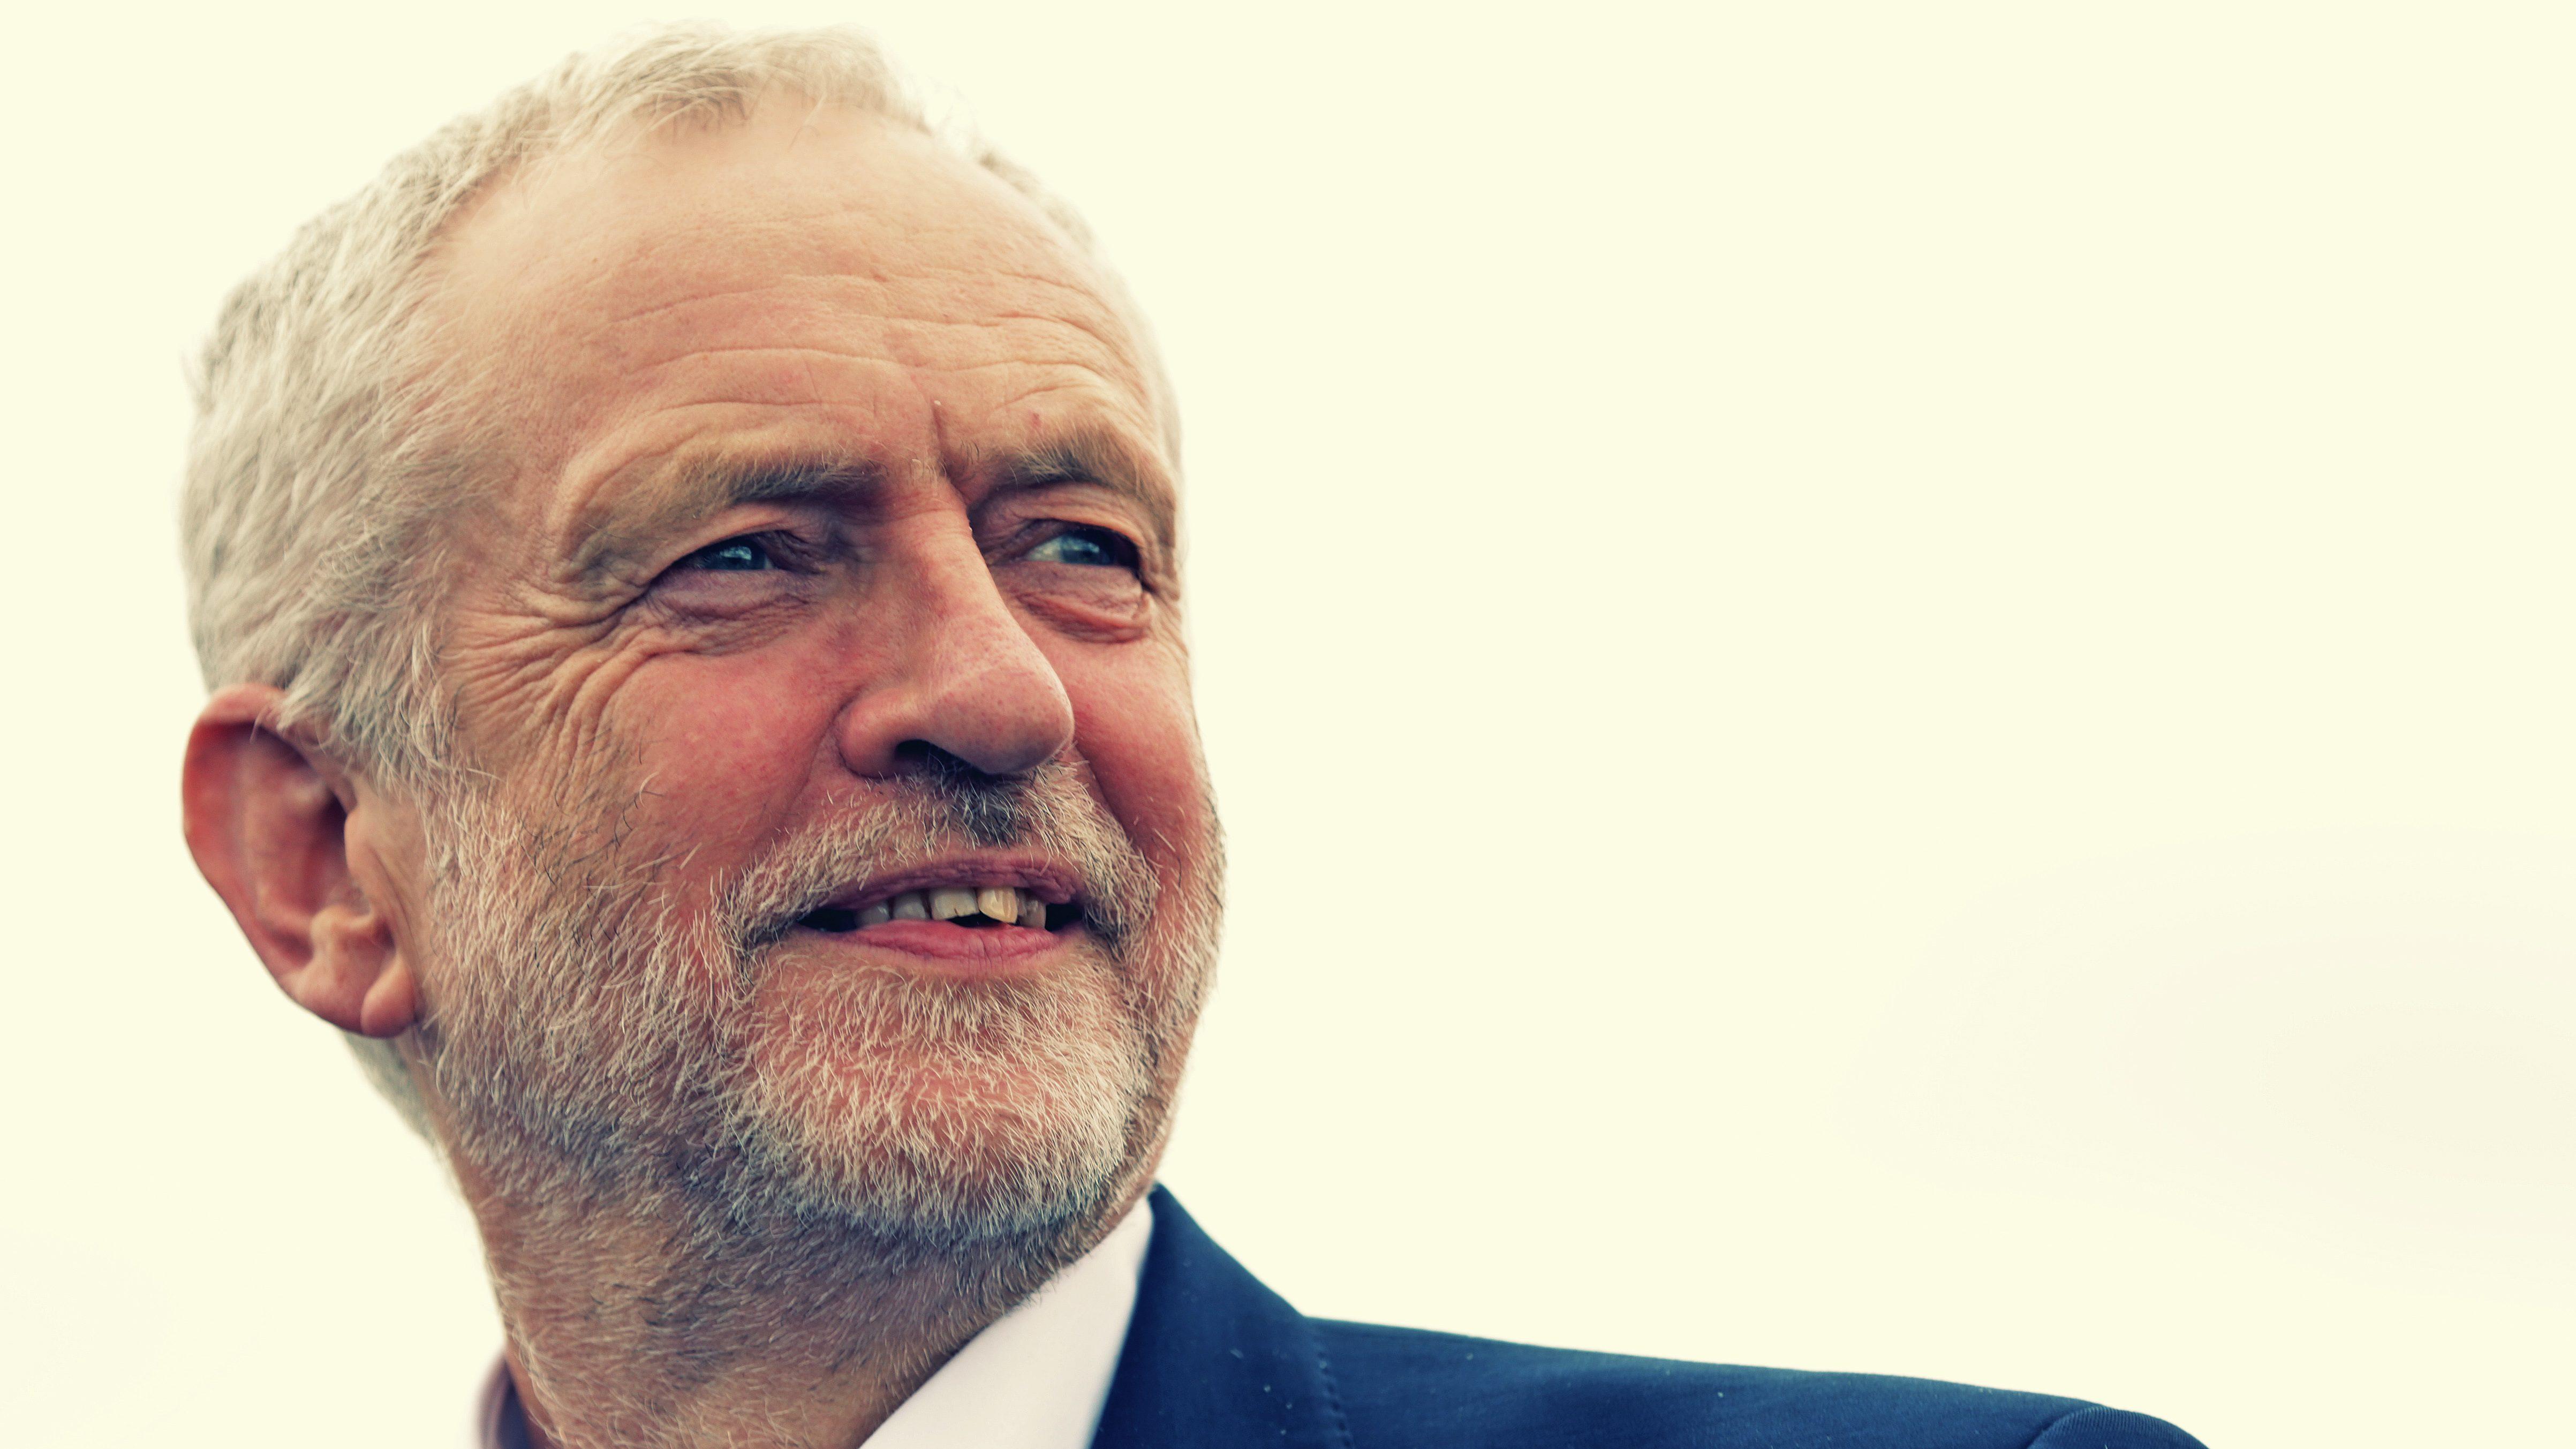 Wie die britische Labour-Partei ihren eigenen Parteichef mit Microtargeting linkte